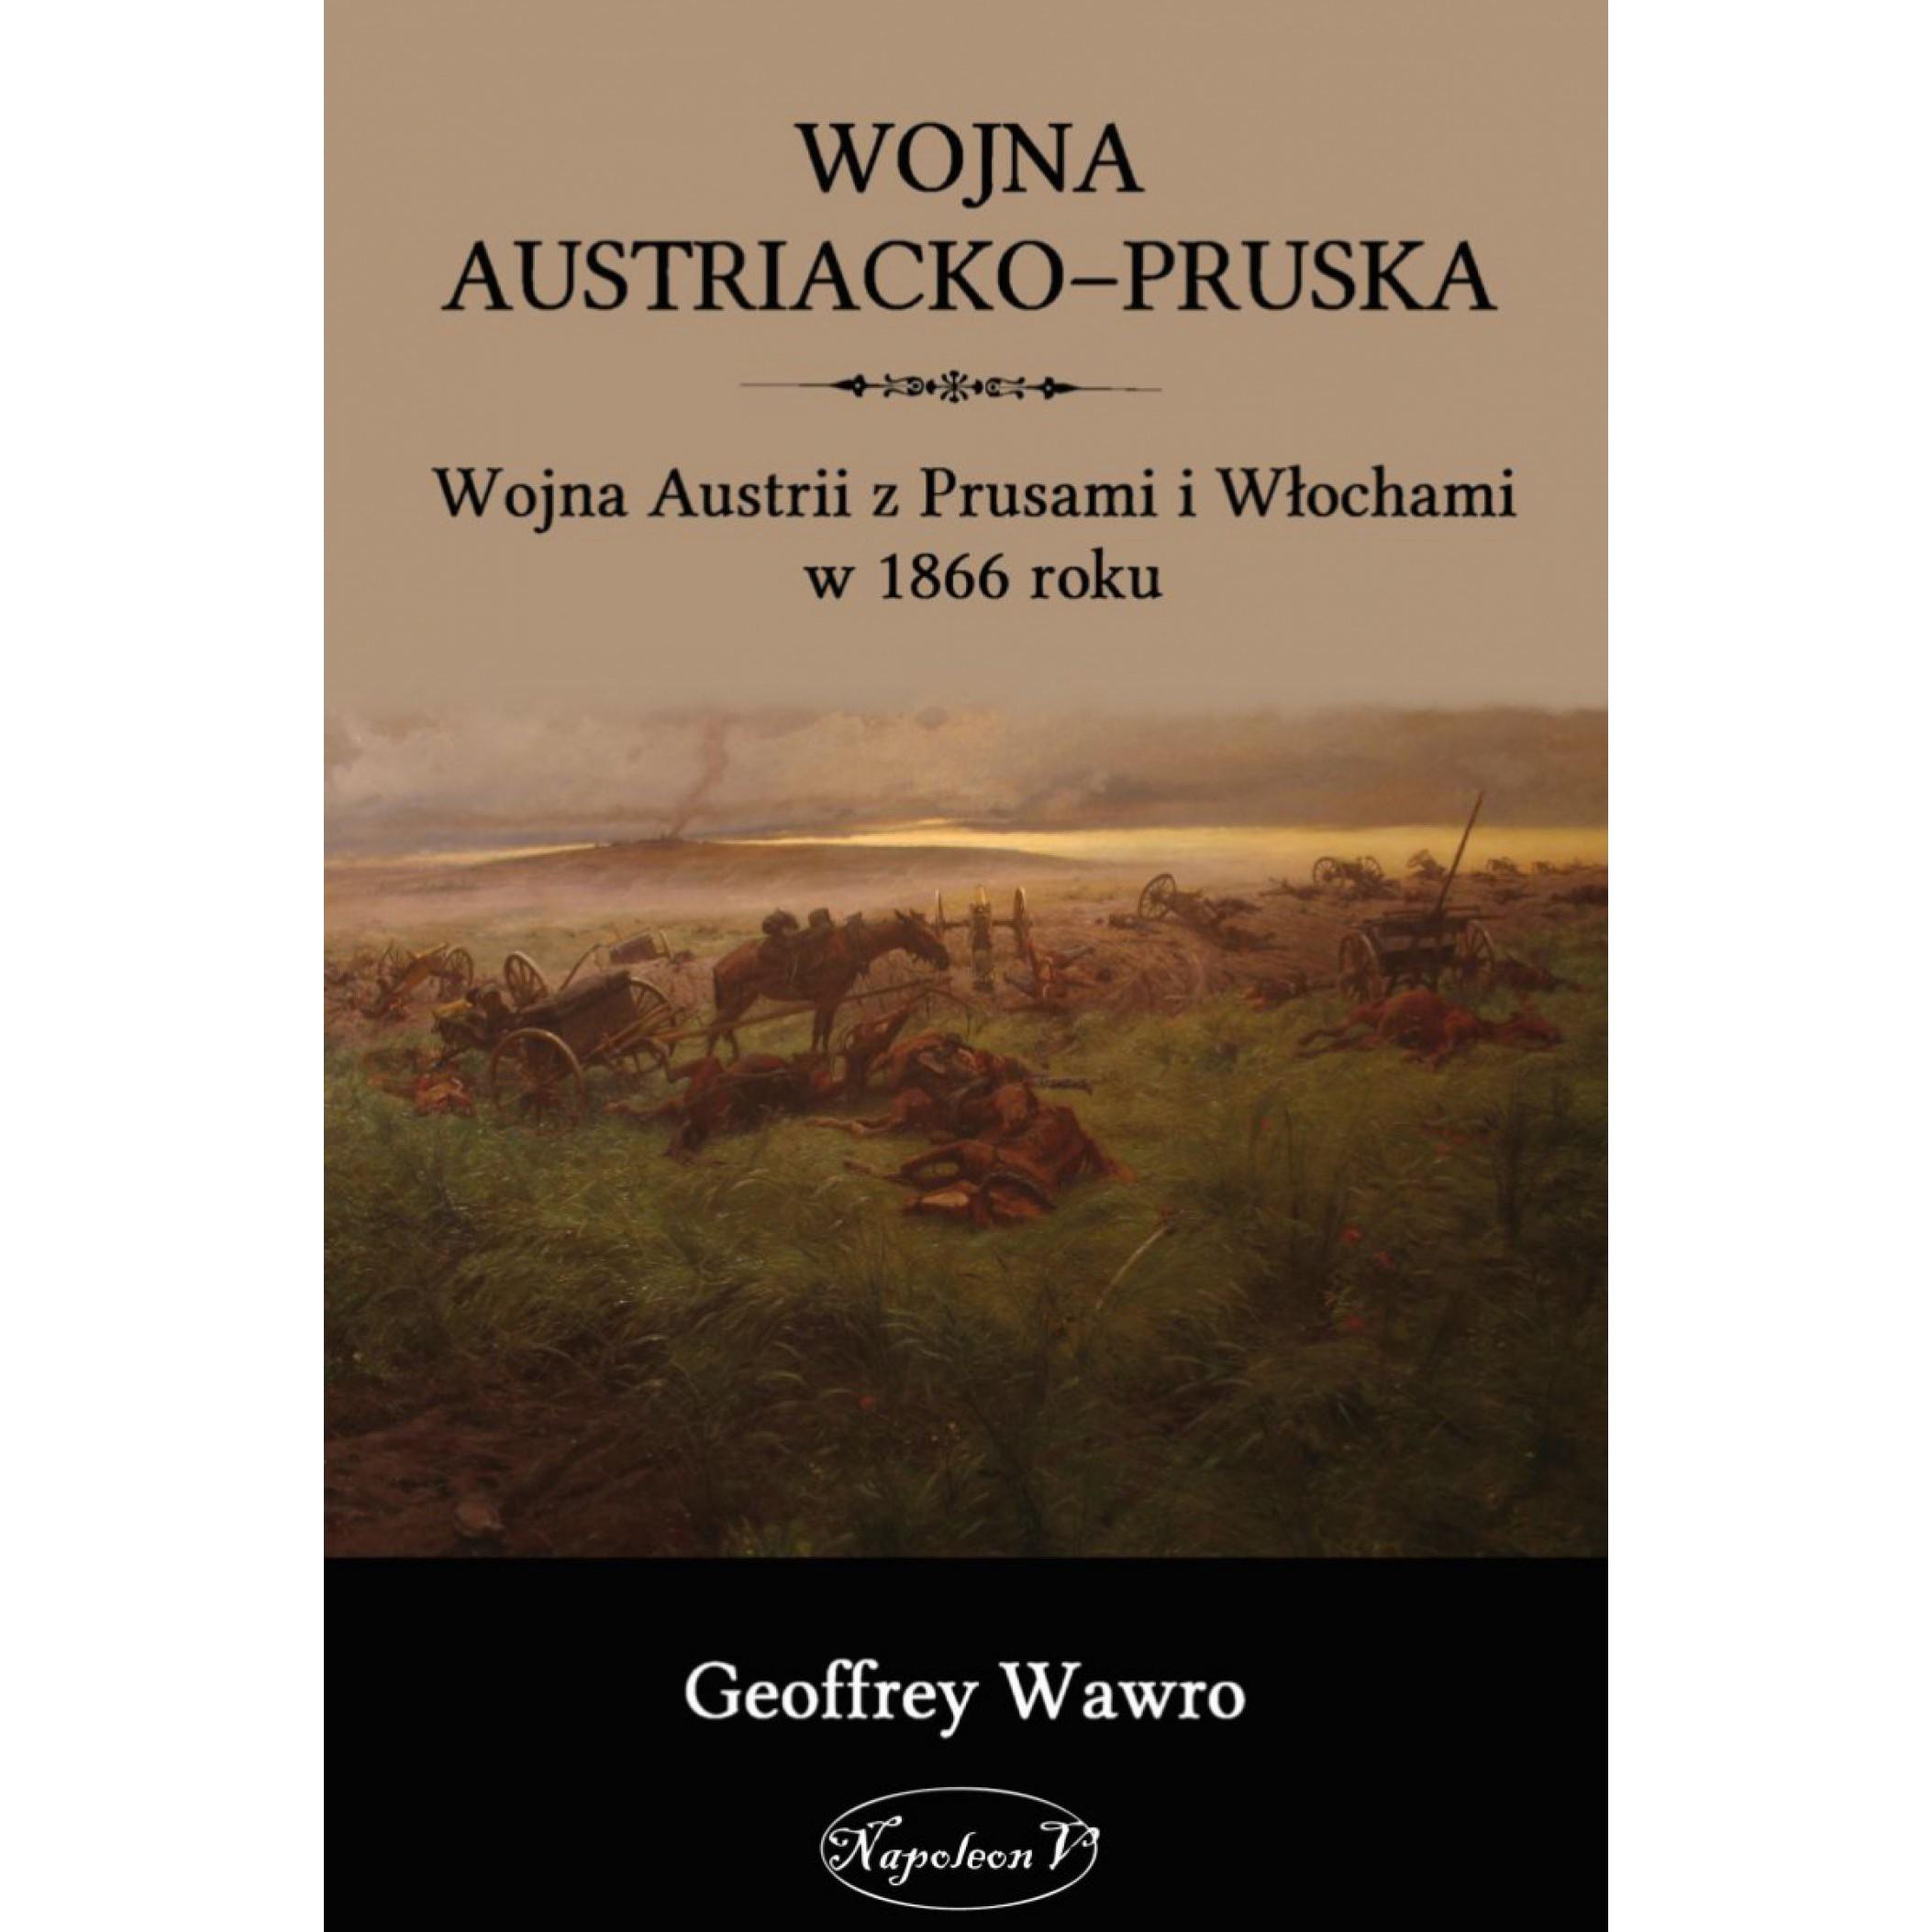 Wojna austriacko-pruska. Wojna Austrii z Prusami i Włochami w 1866 roku